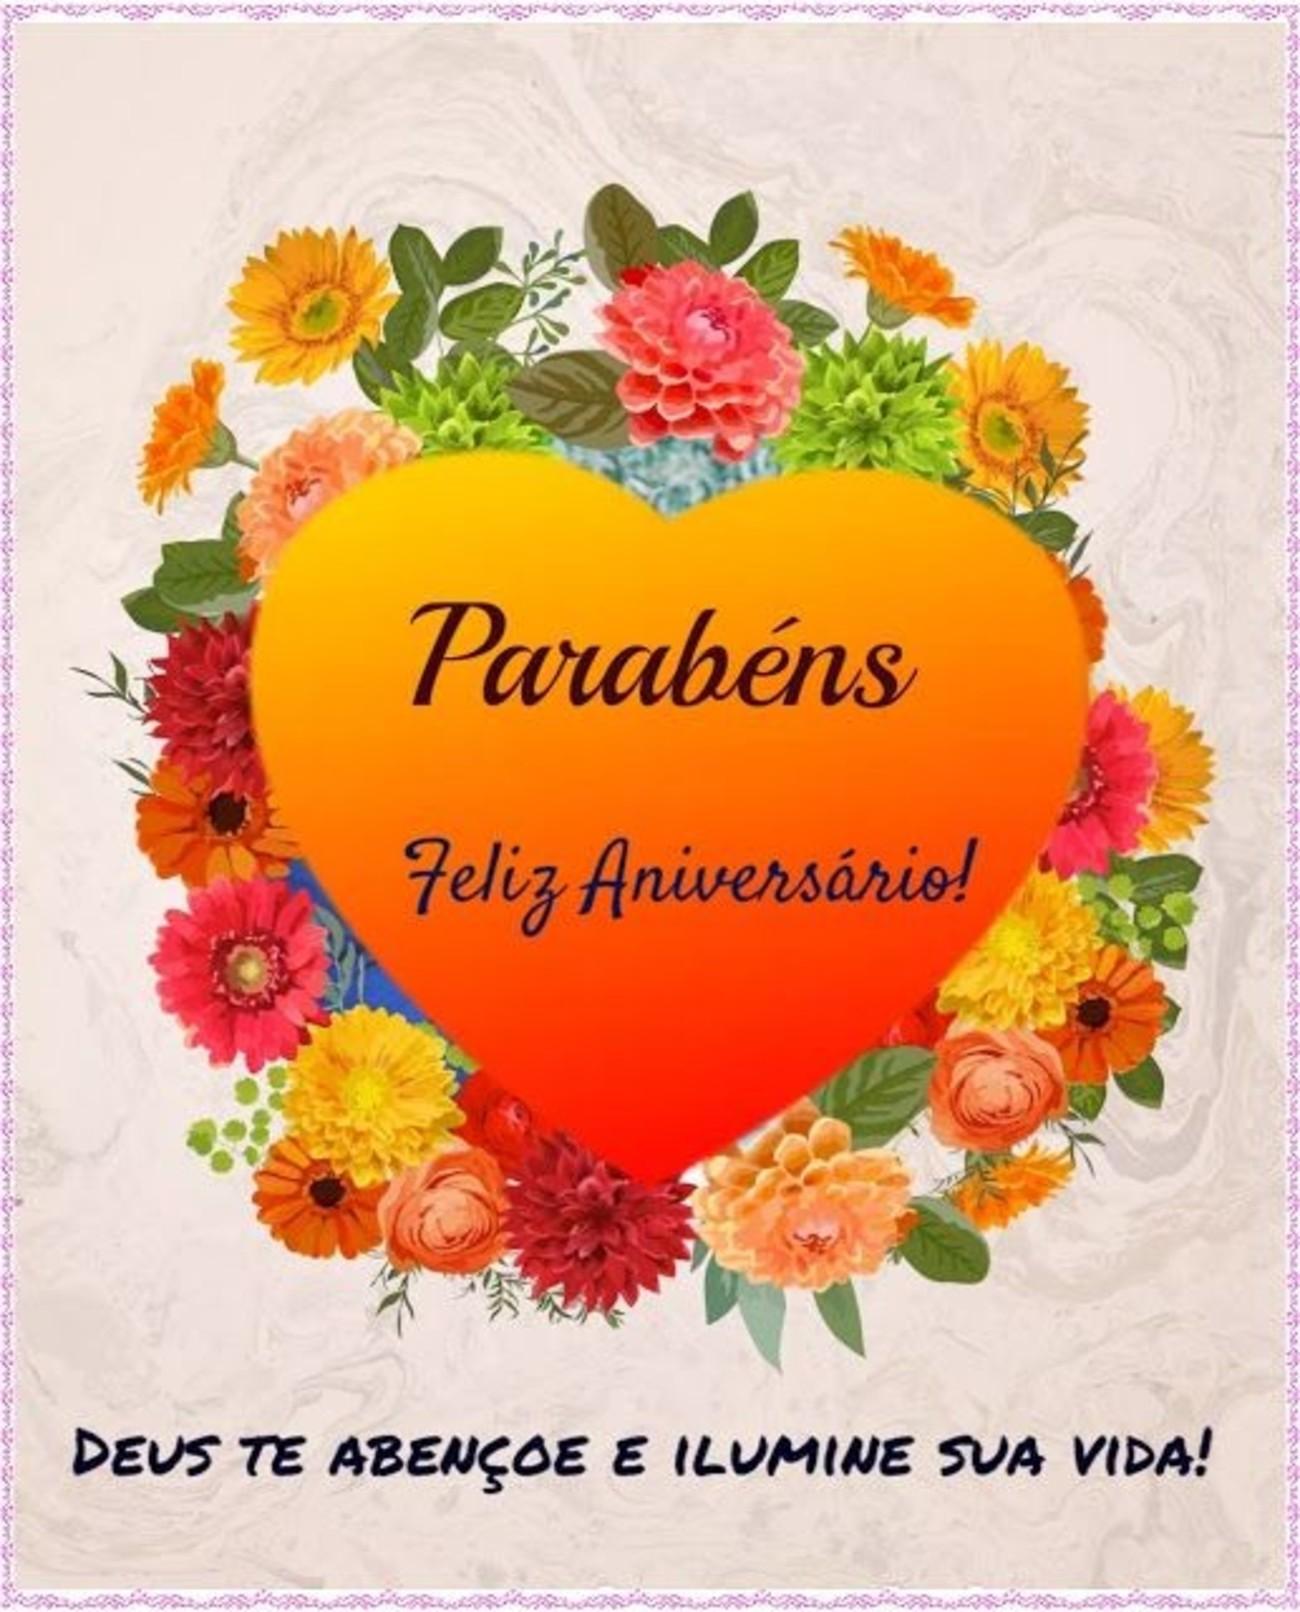 Feliz Aniversario Imagens Belas Lindas para Facebook Whatsapp 75